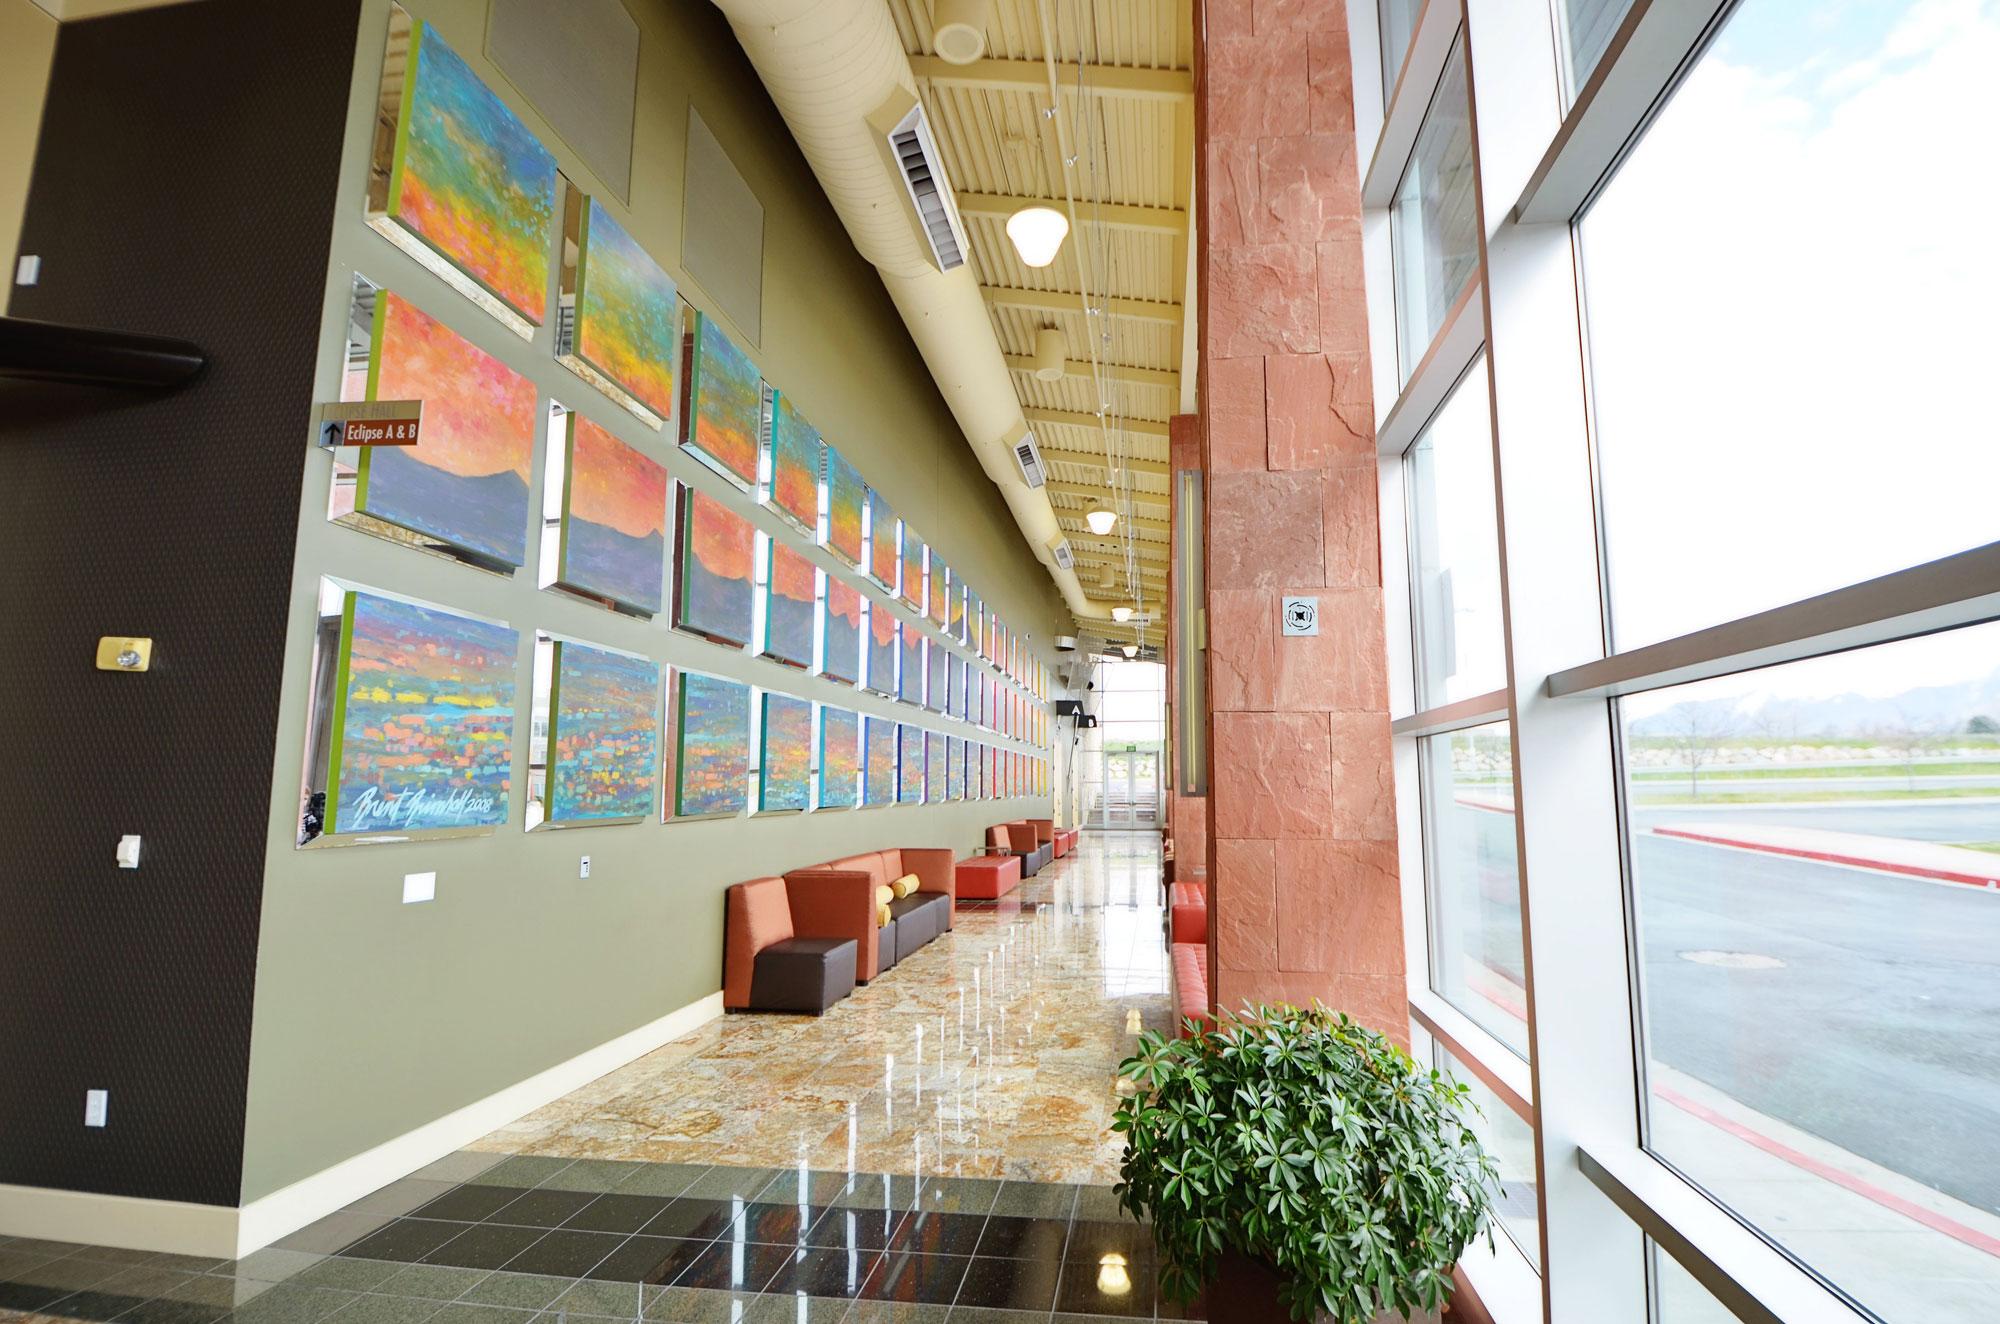 davis-conference-center-interior-747a0e88e89c6ed8793afde07c7944de5e5cf06db8002f98d19ae8ded3c89d88